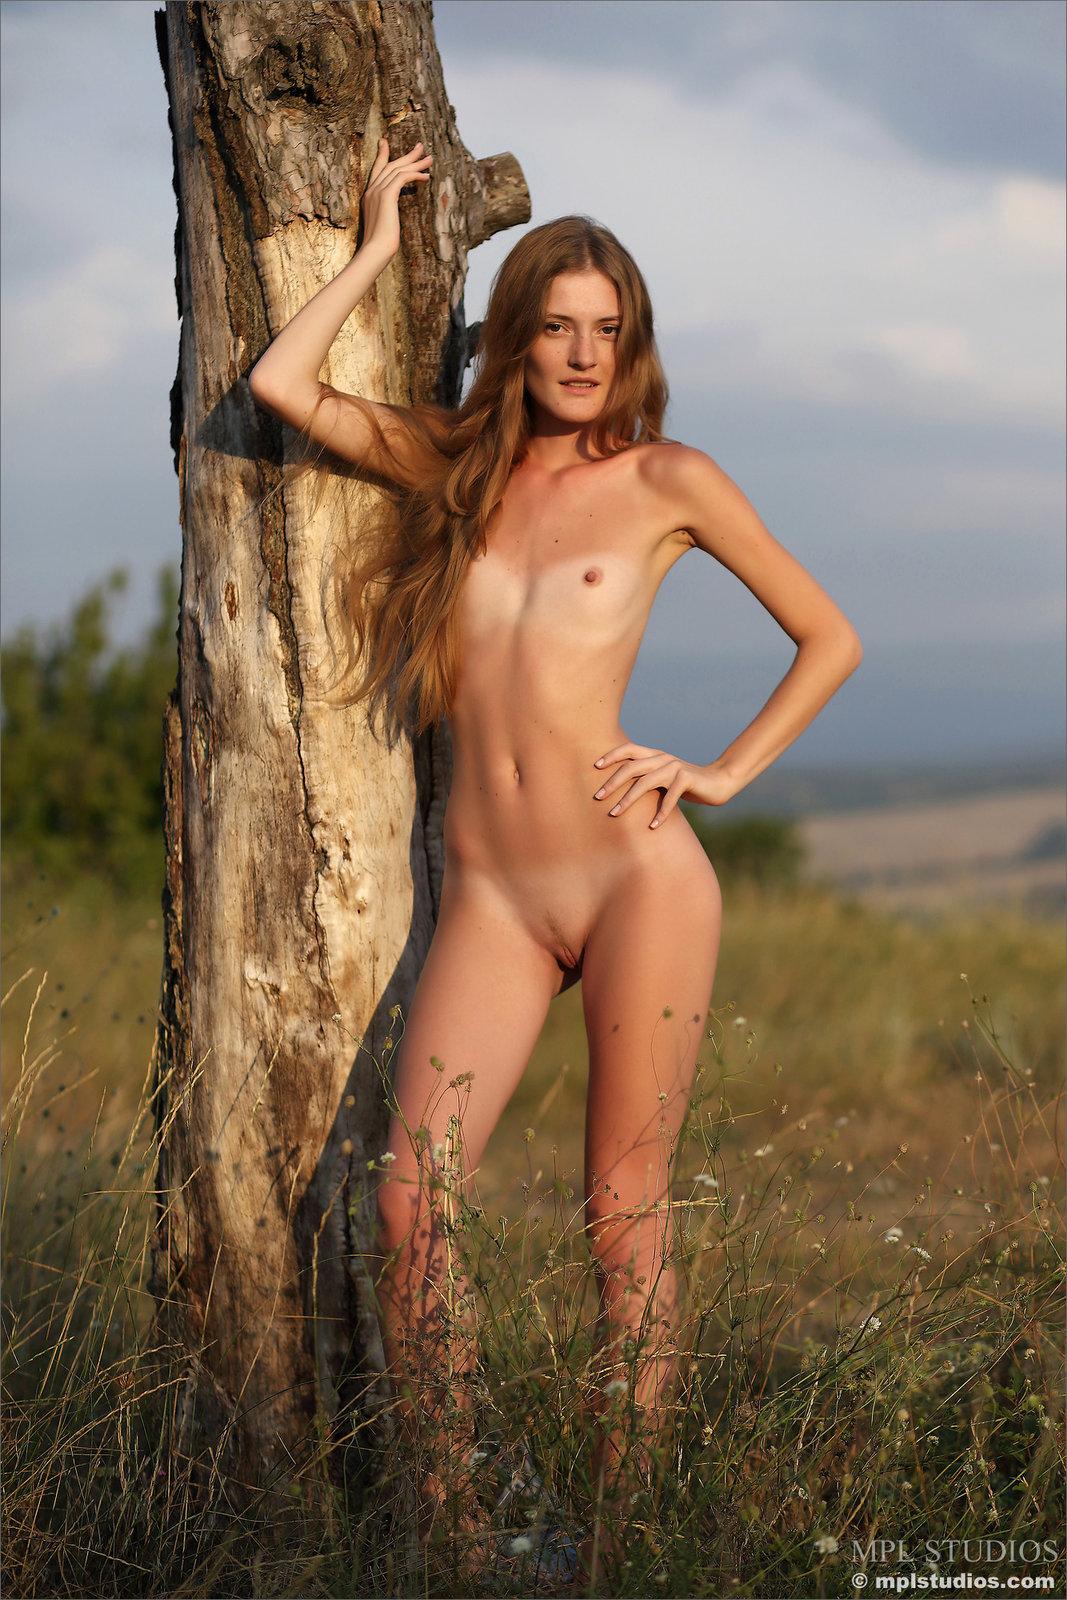 Zdjęcie porno - 1012 - Laseczka na łące ma sterczące piersi